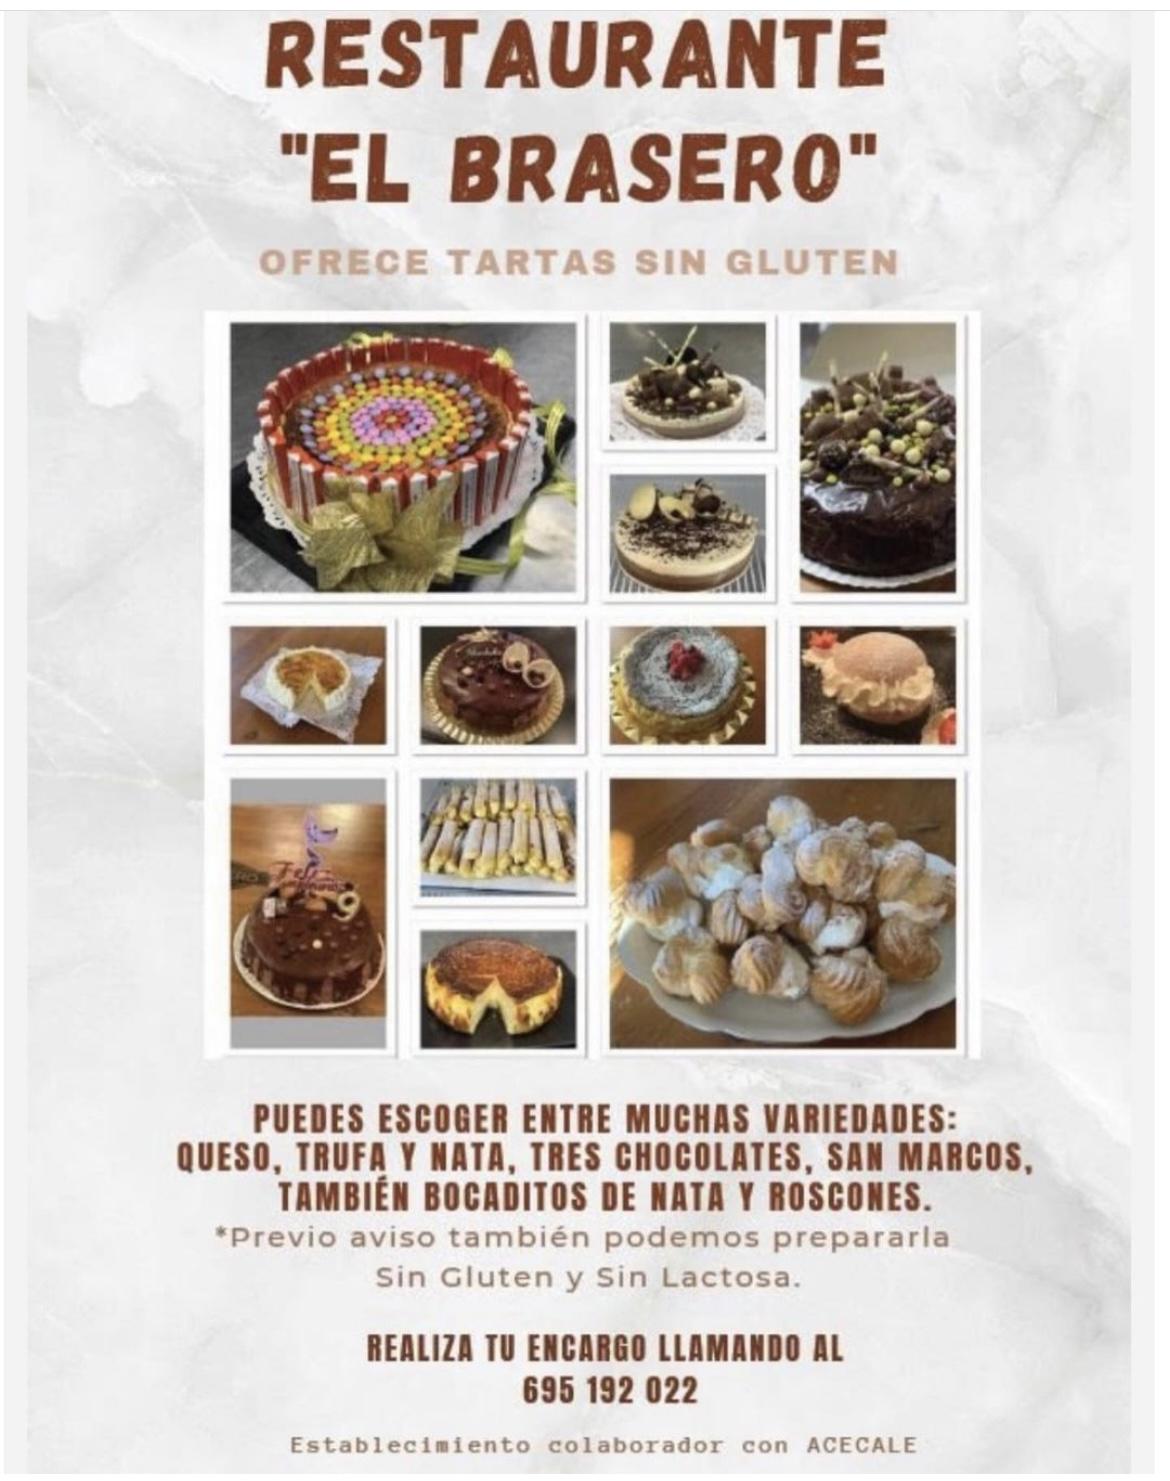 Restaurante El Brasero Zamora. Tartas sin gluten y sin lactosa